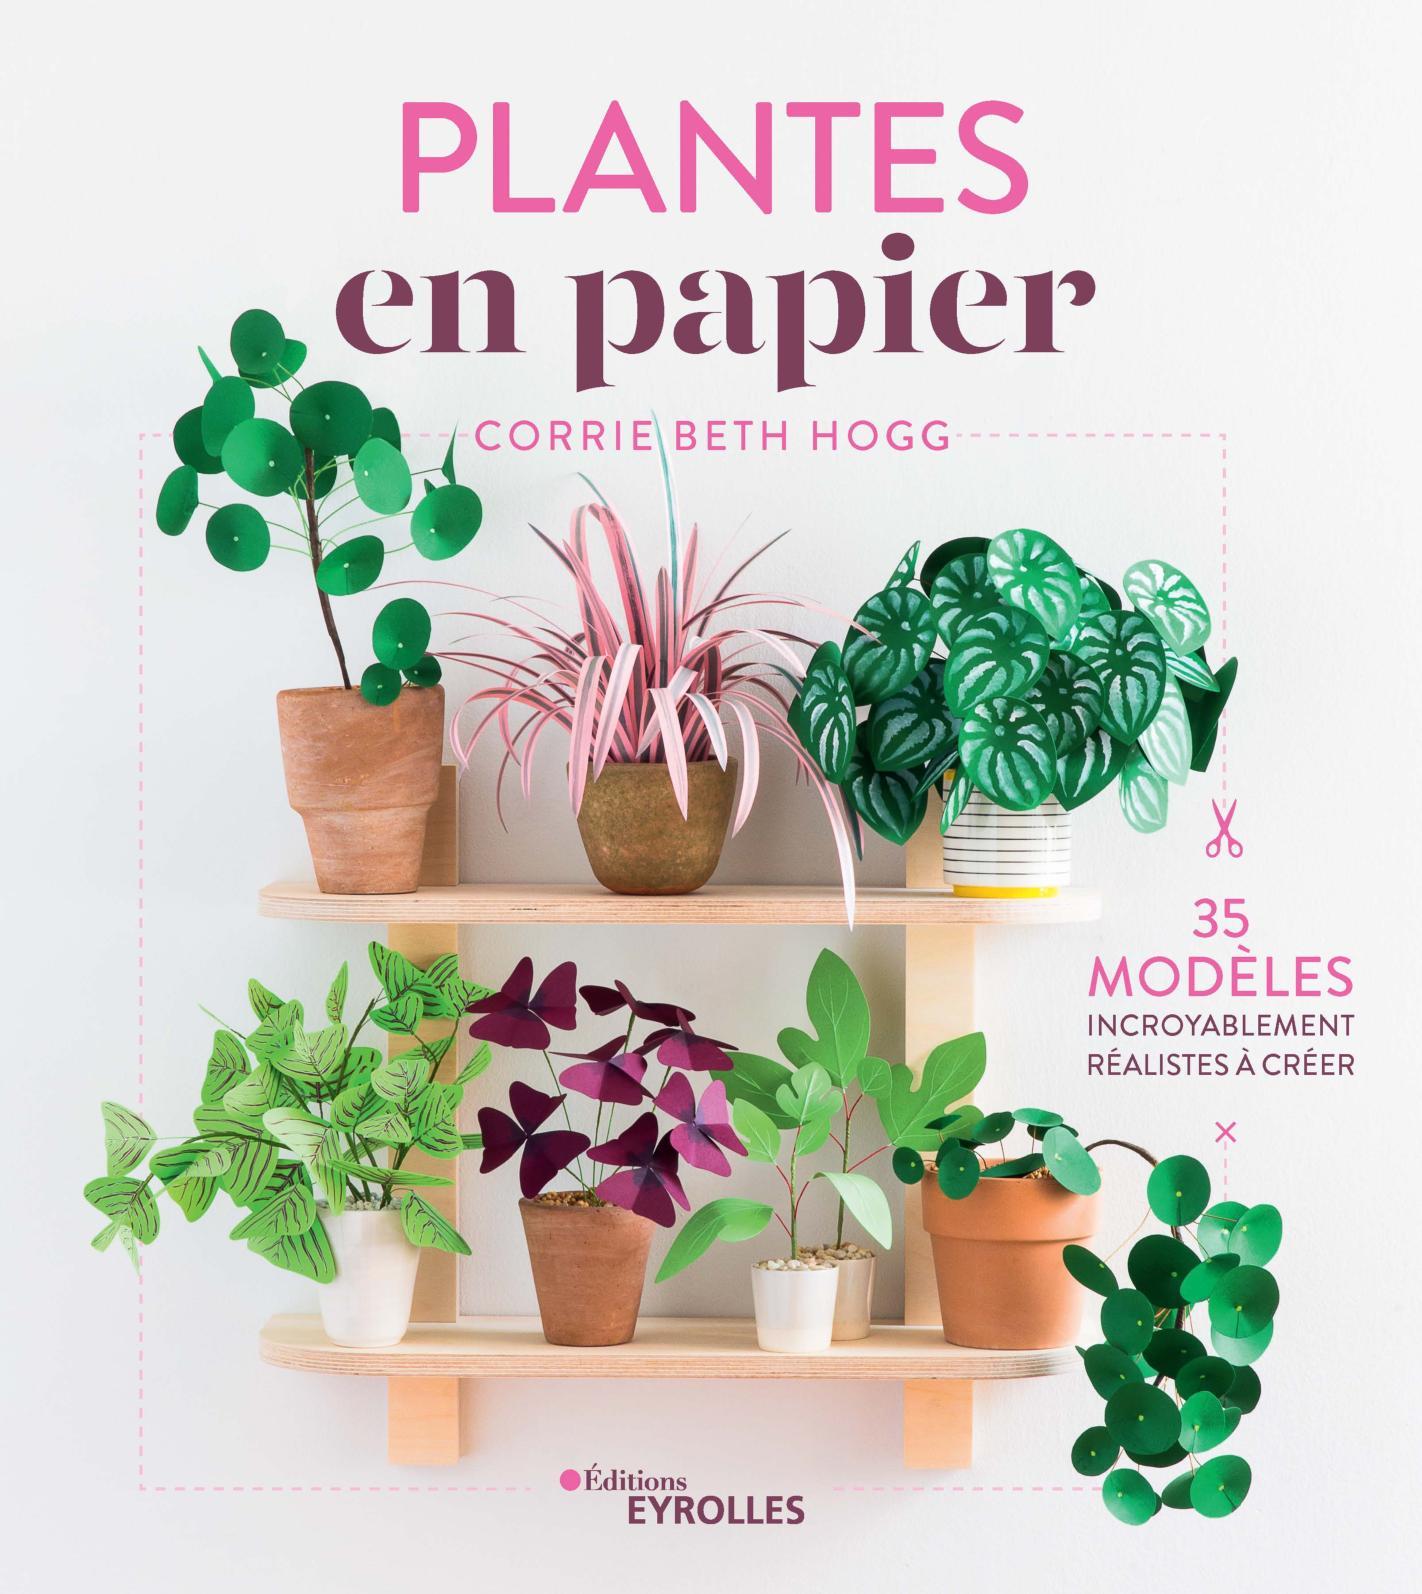 Plantes en papier